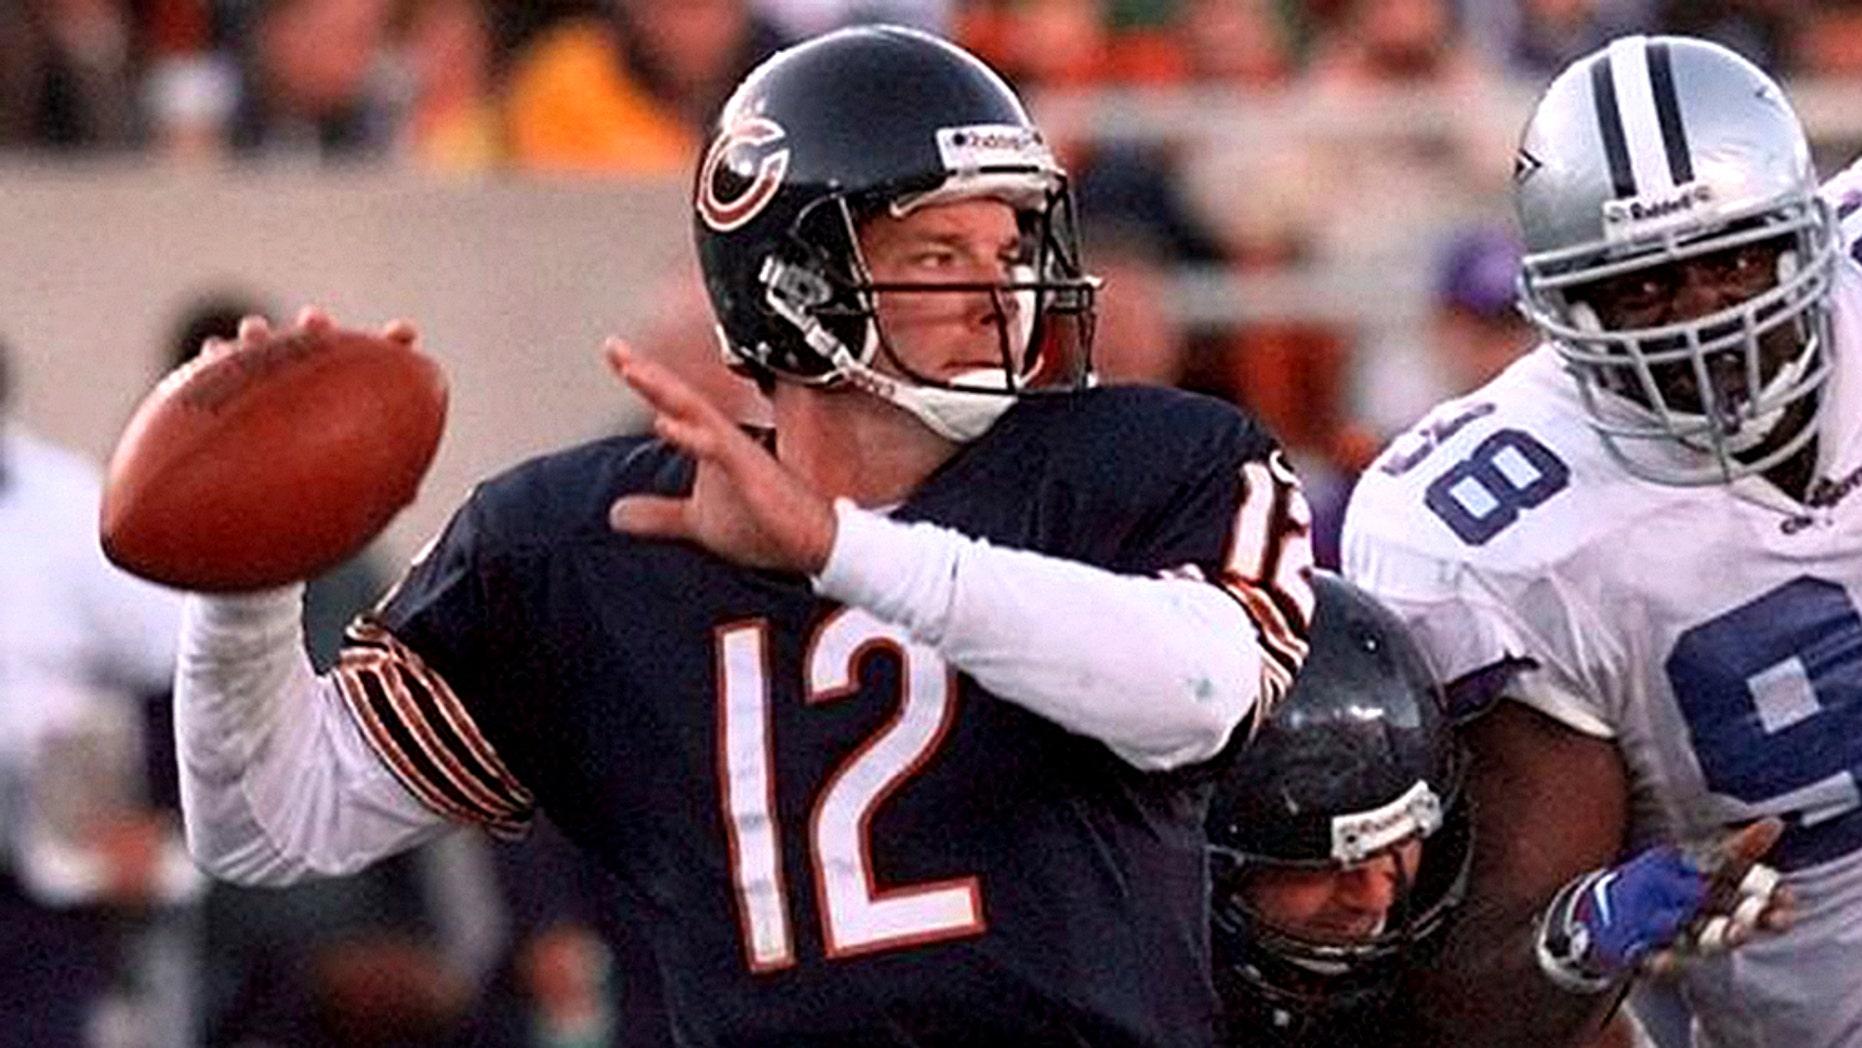 Former NFL quarterback Erik Kramer, who was arrested on domestic assault charges last week